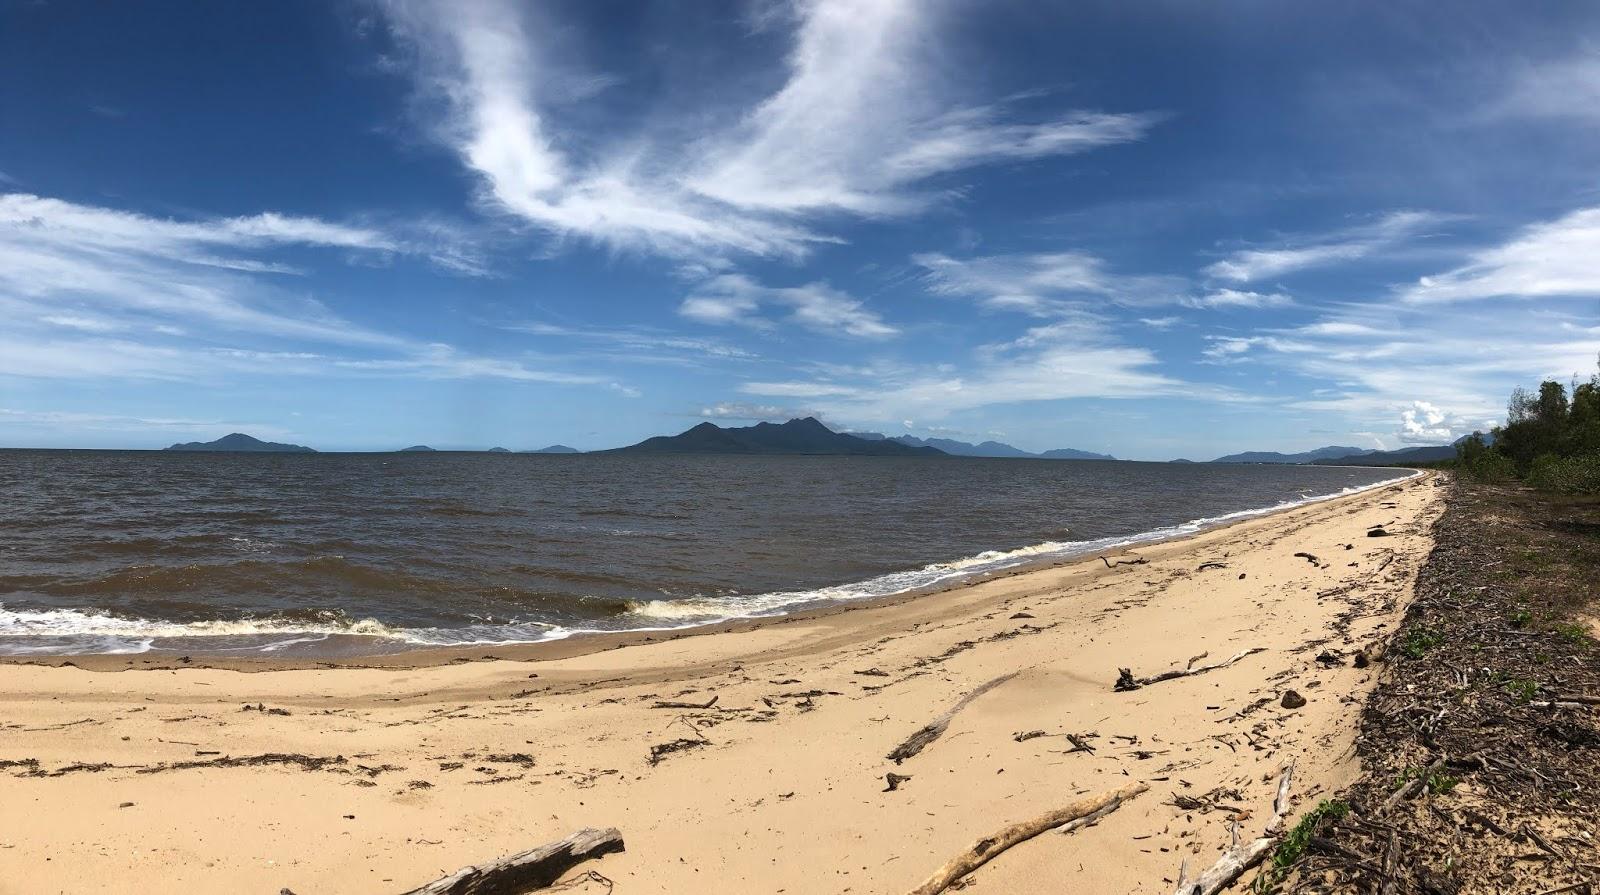 Plaża nad Morzem Koralowym w Australii z widokiem na wyspy.